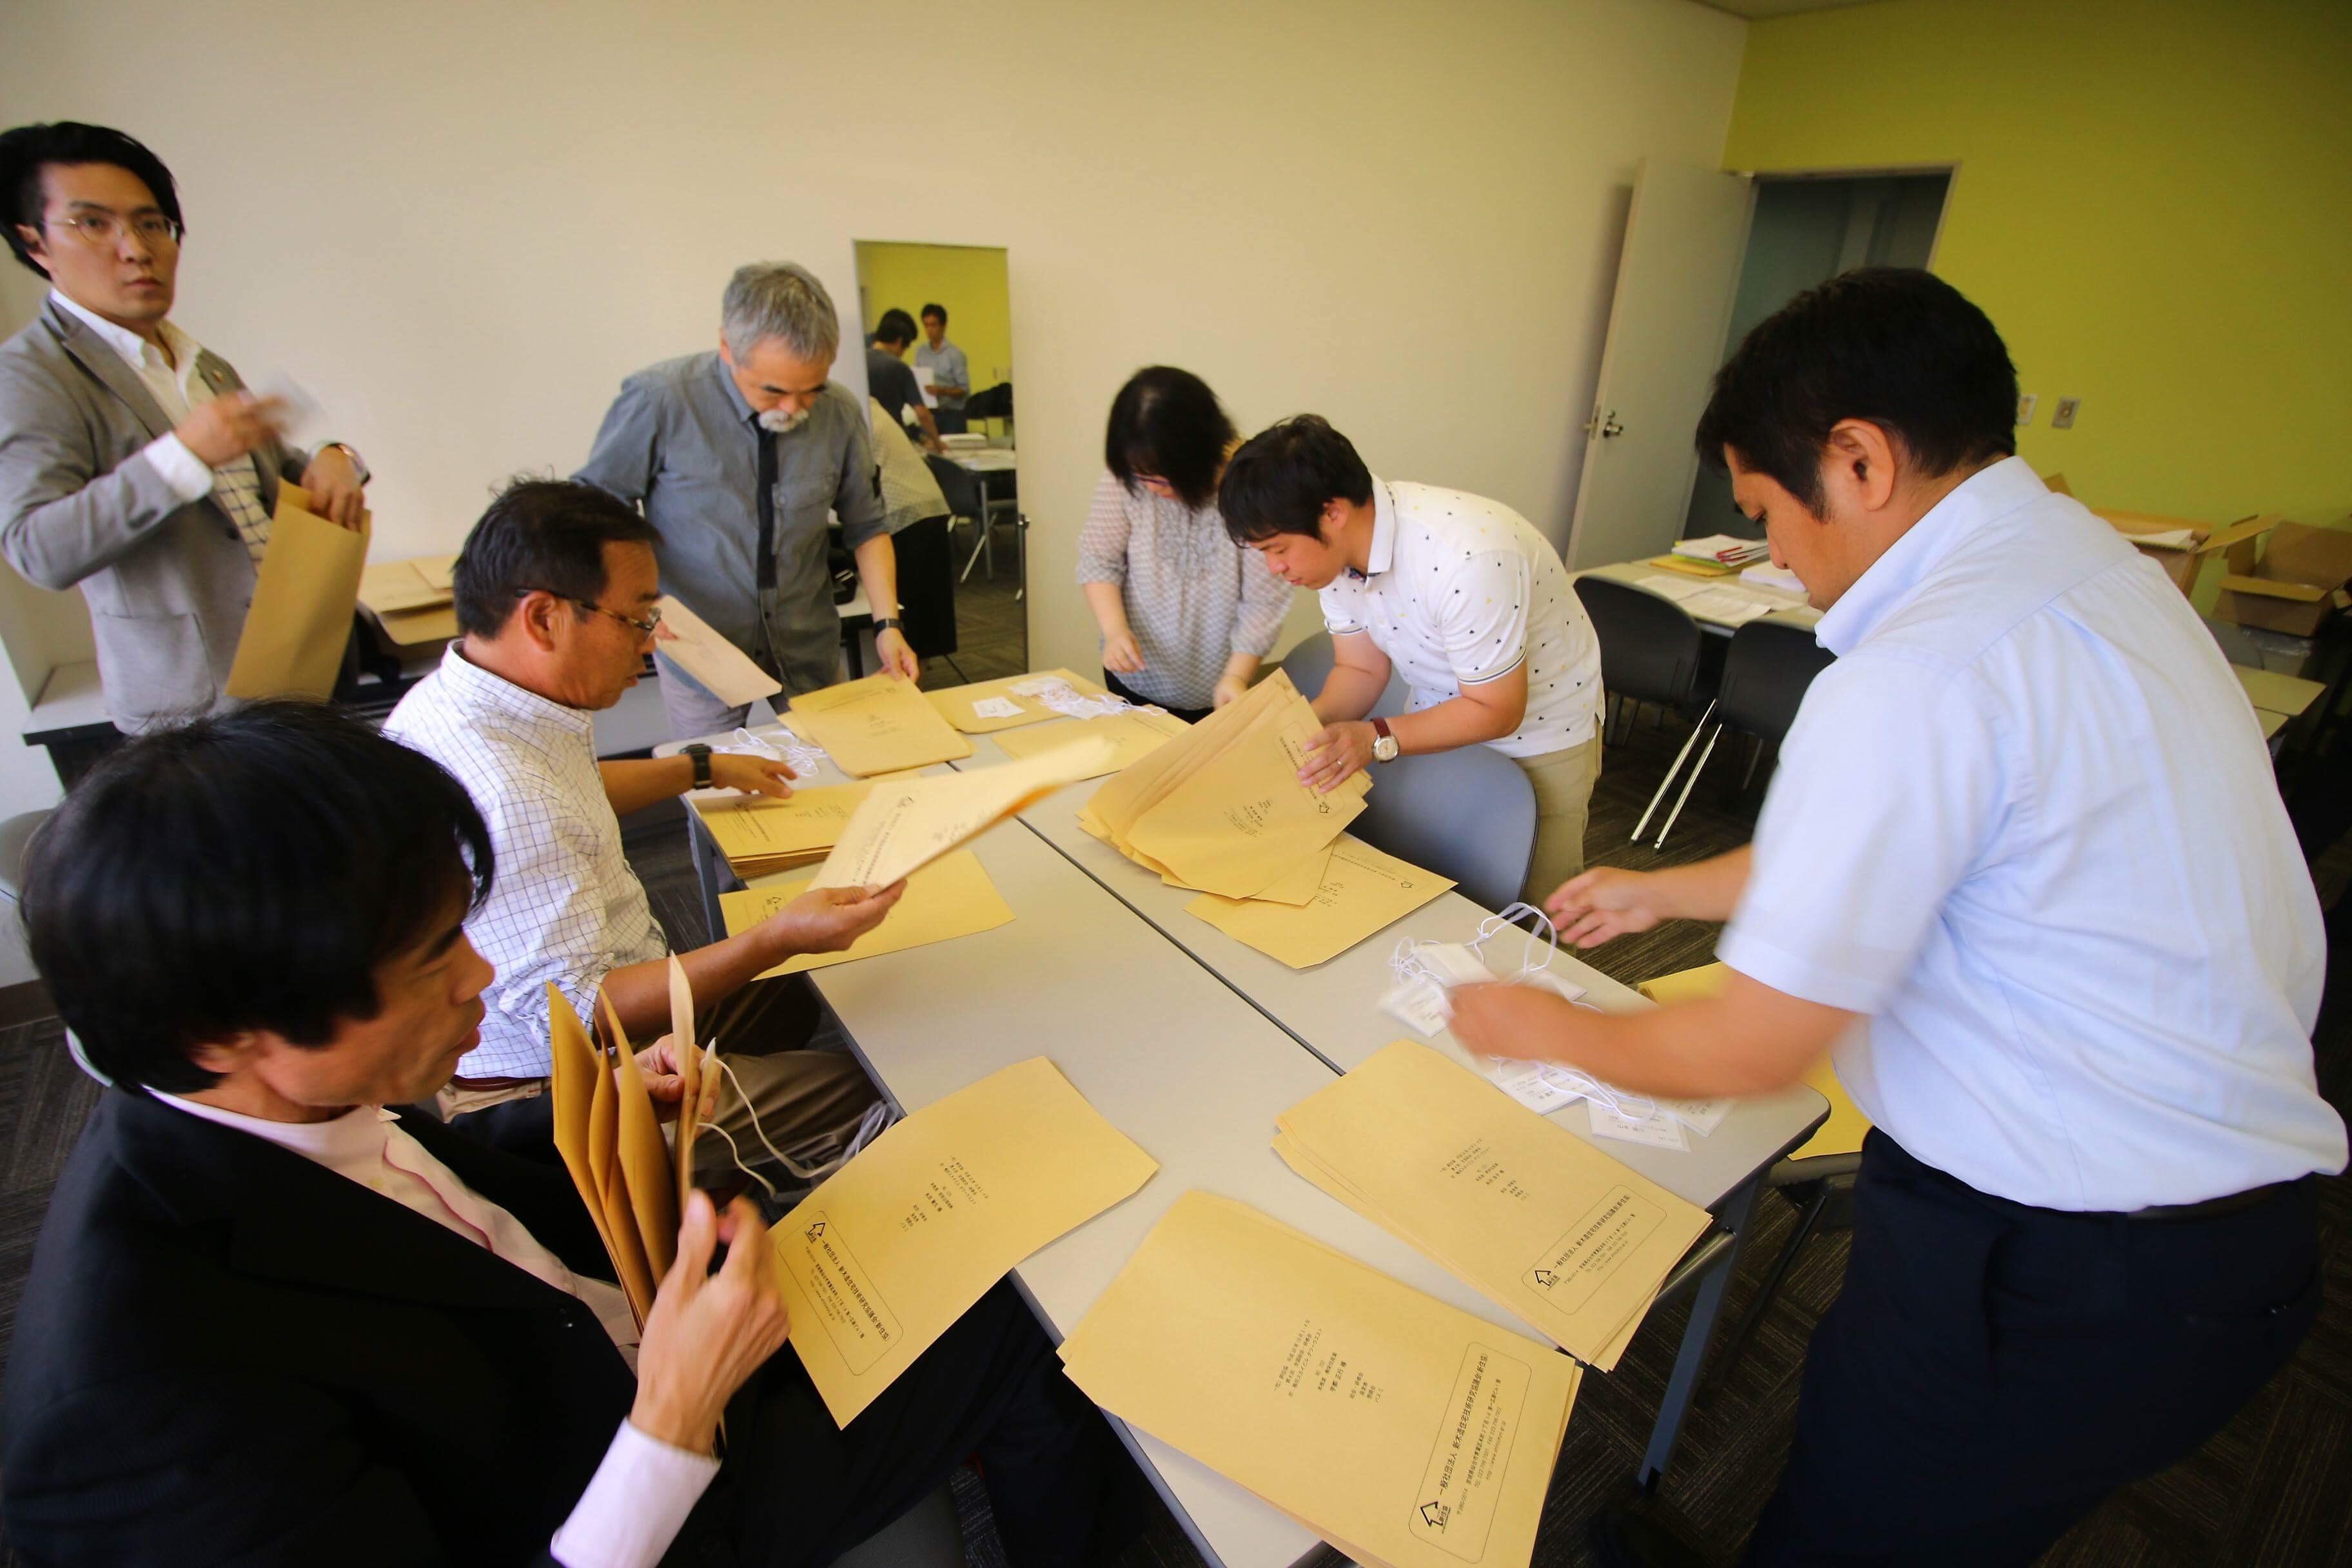 新住協大阪総会2018−1の画像